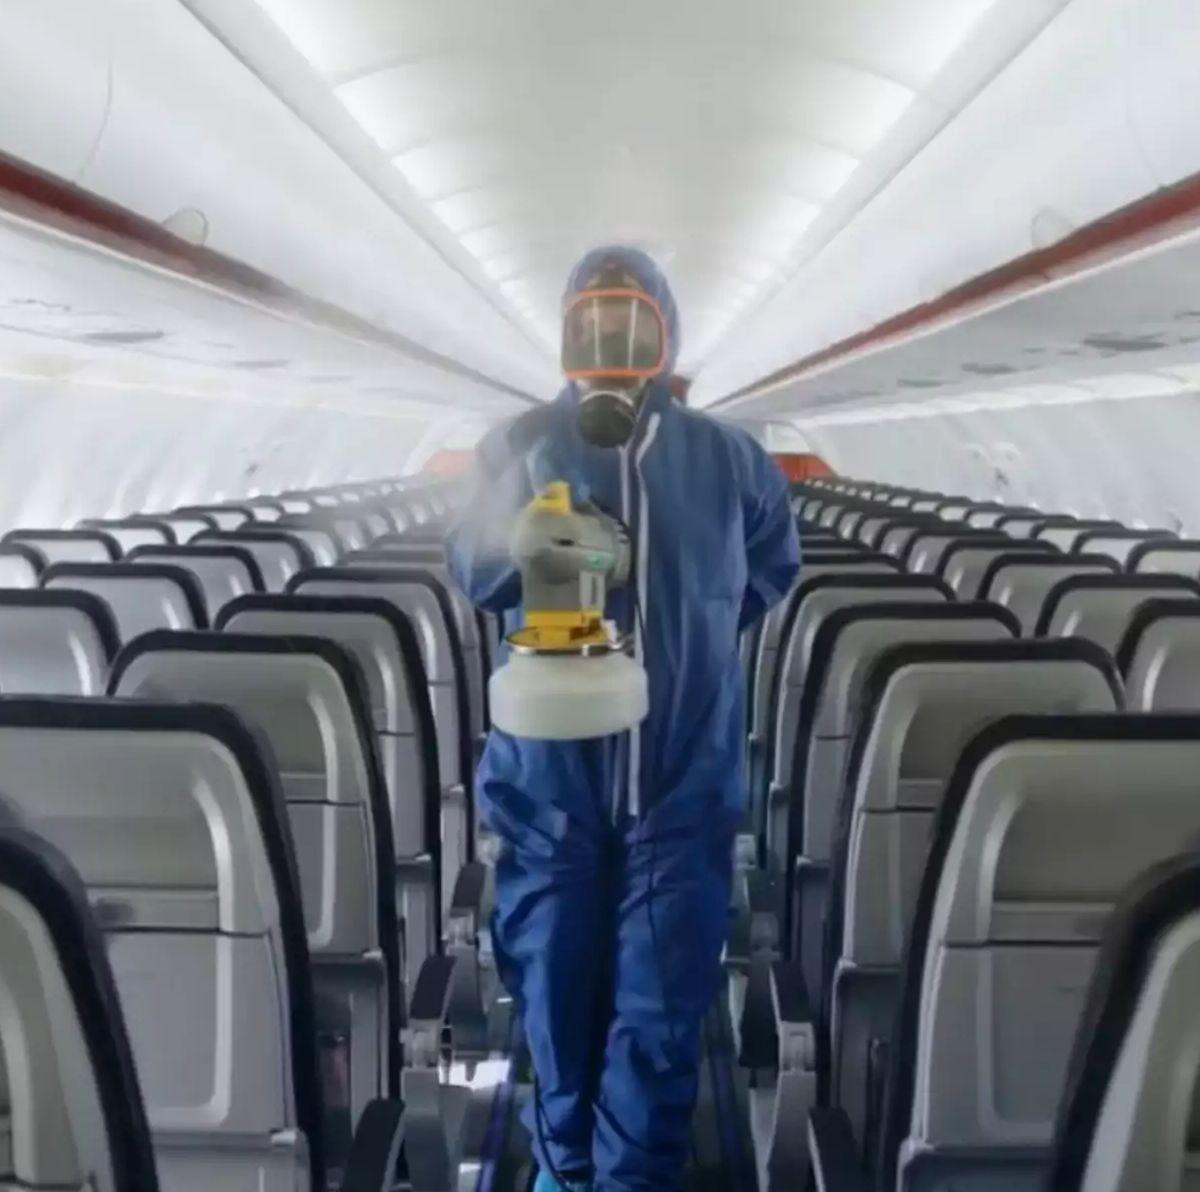 Τα αεροπλάνα απολυμαίνονται τακτικά